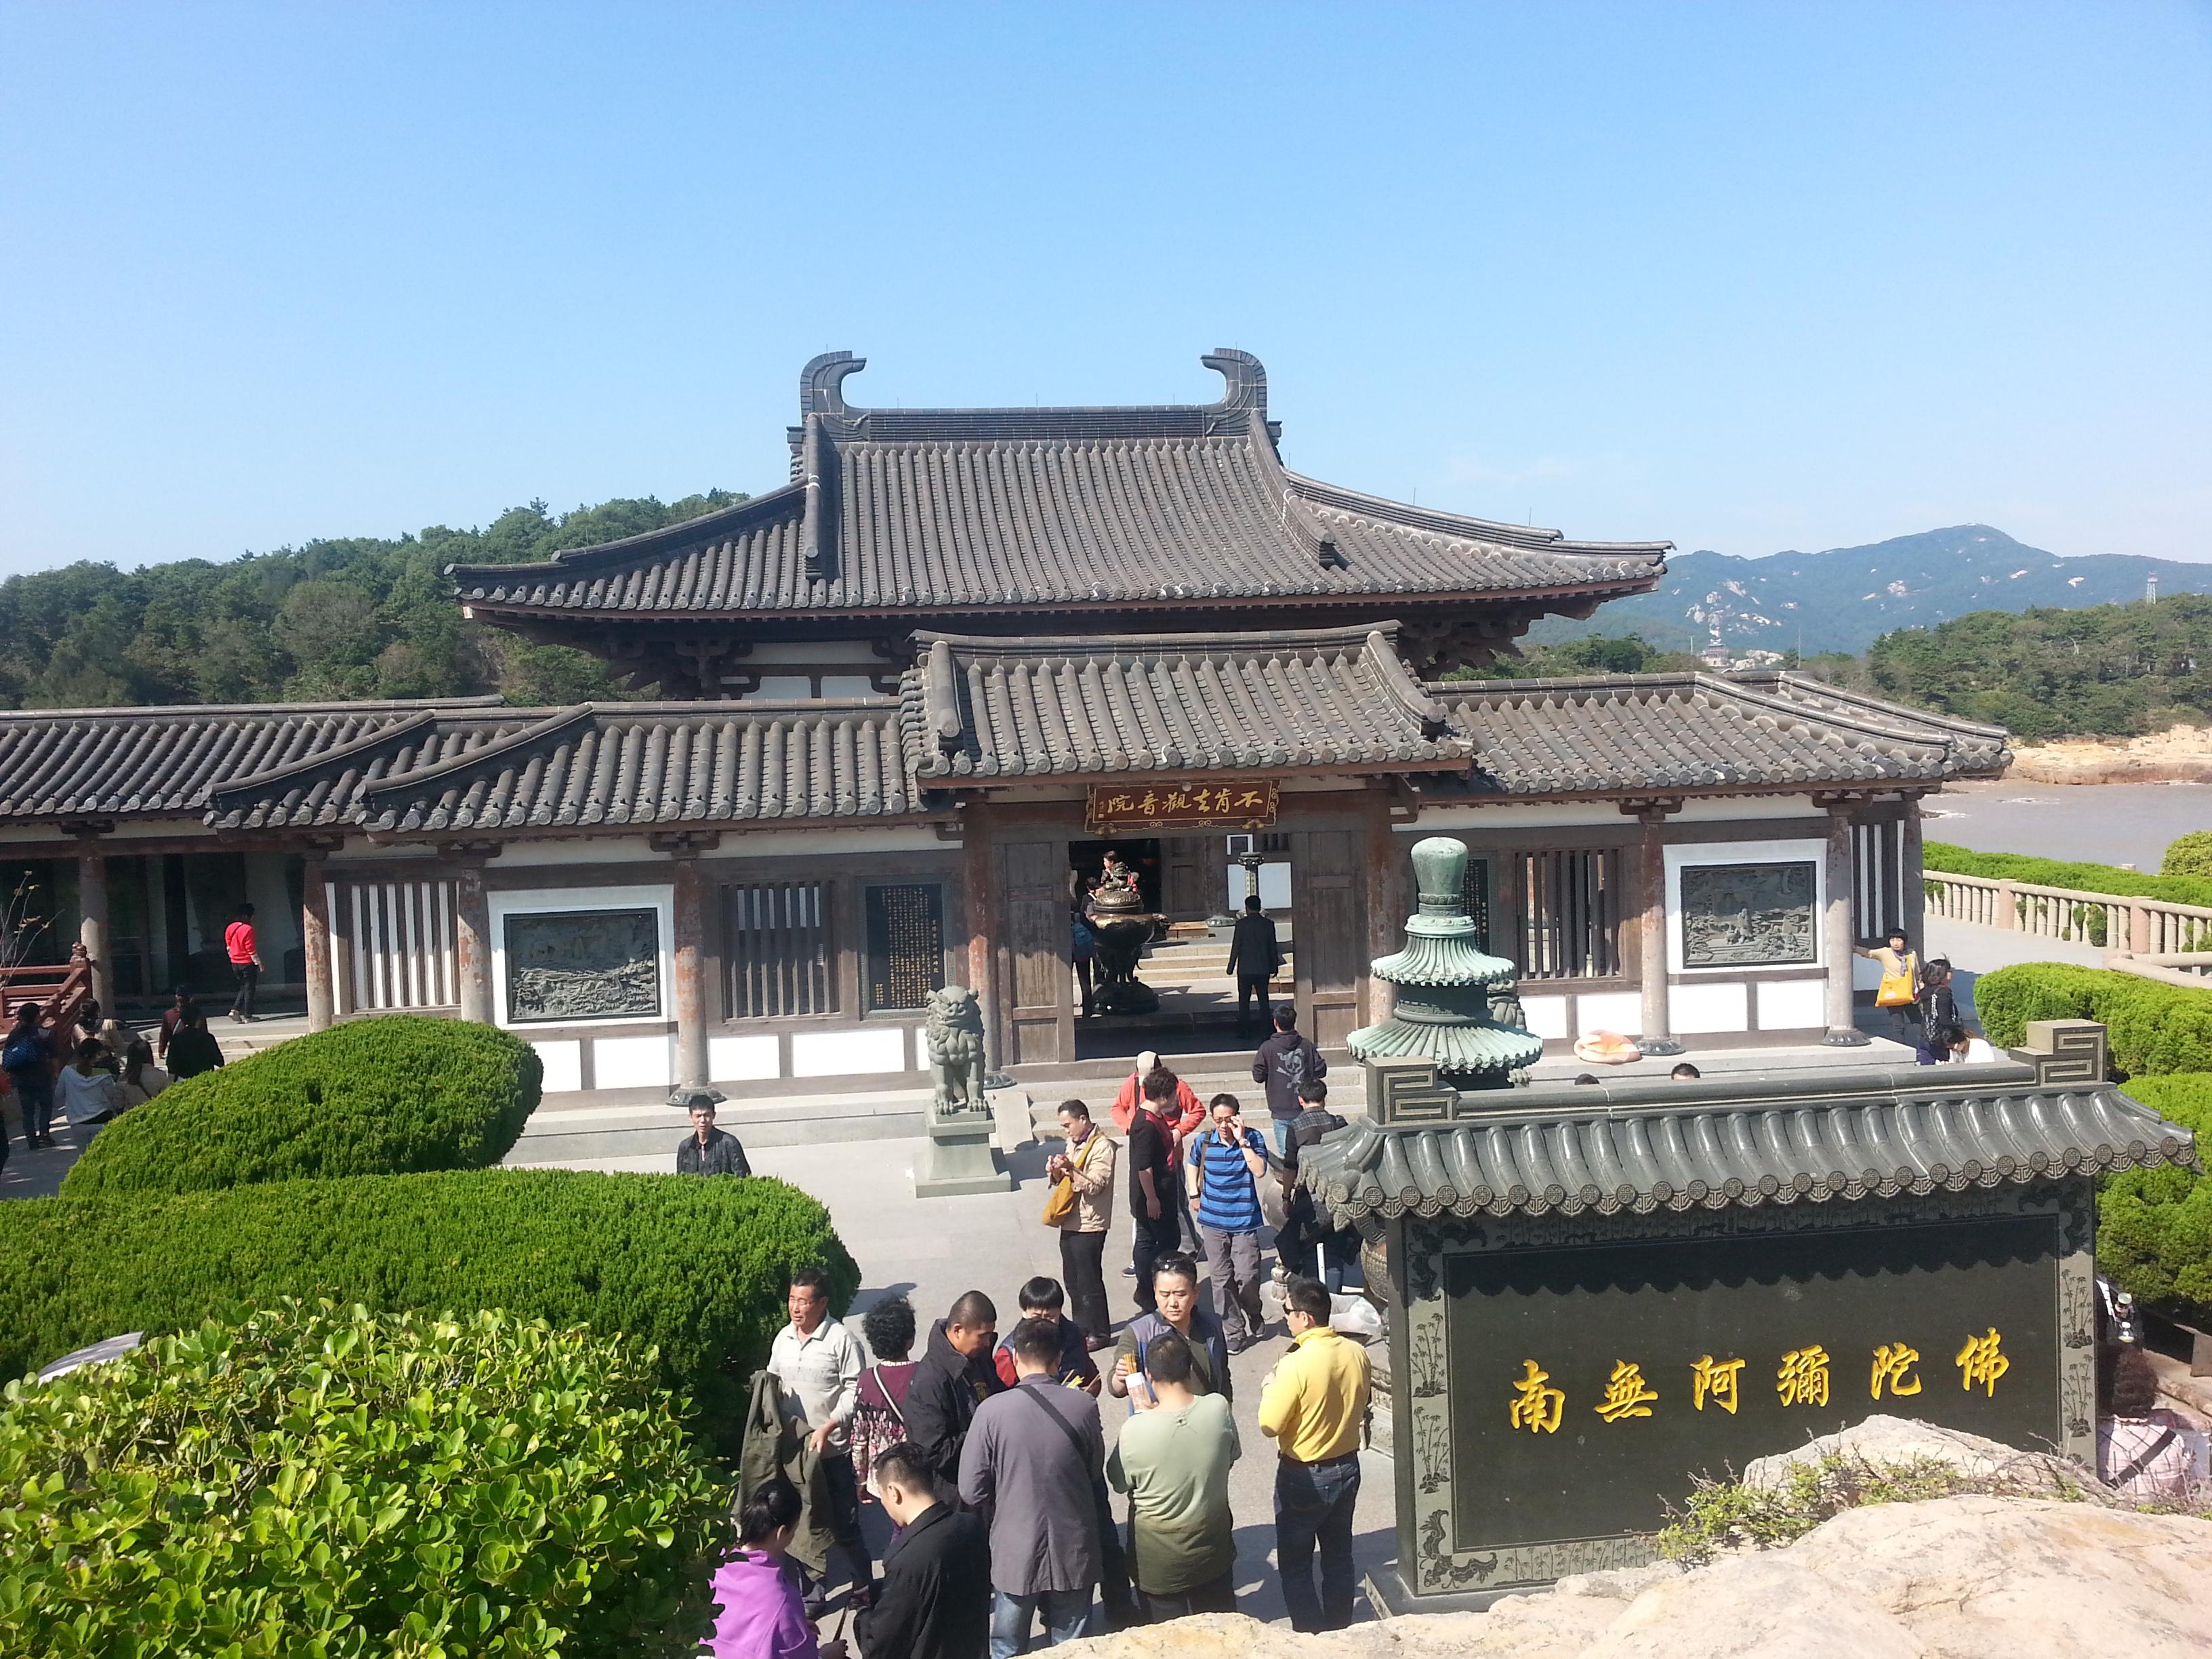 不肯去观音院,位于紫竹林,紫竹林是观音修道的地方,里面有全山建寺图片